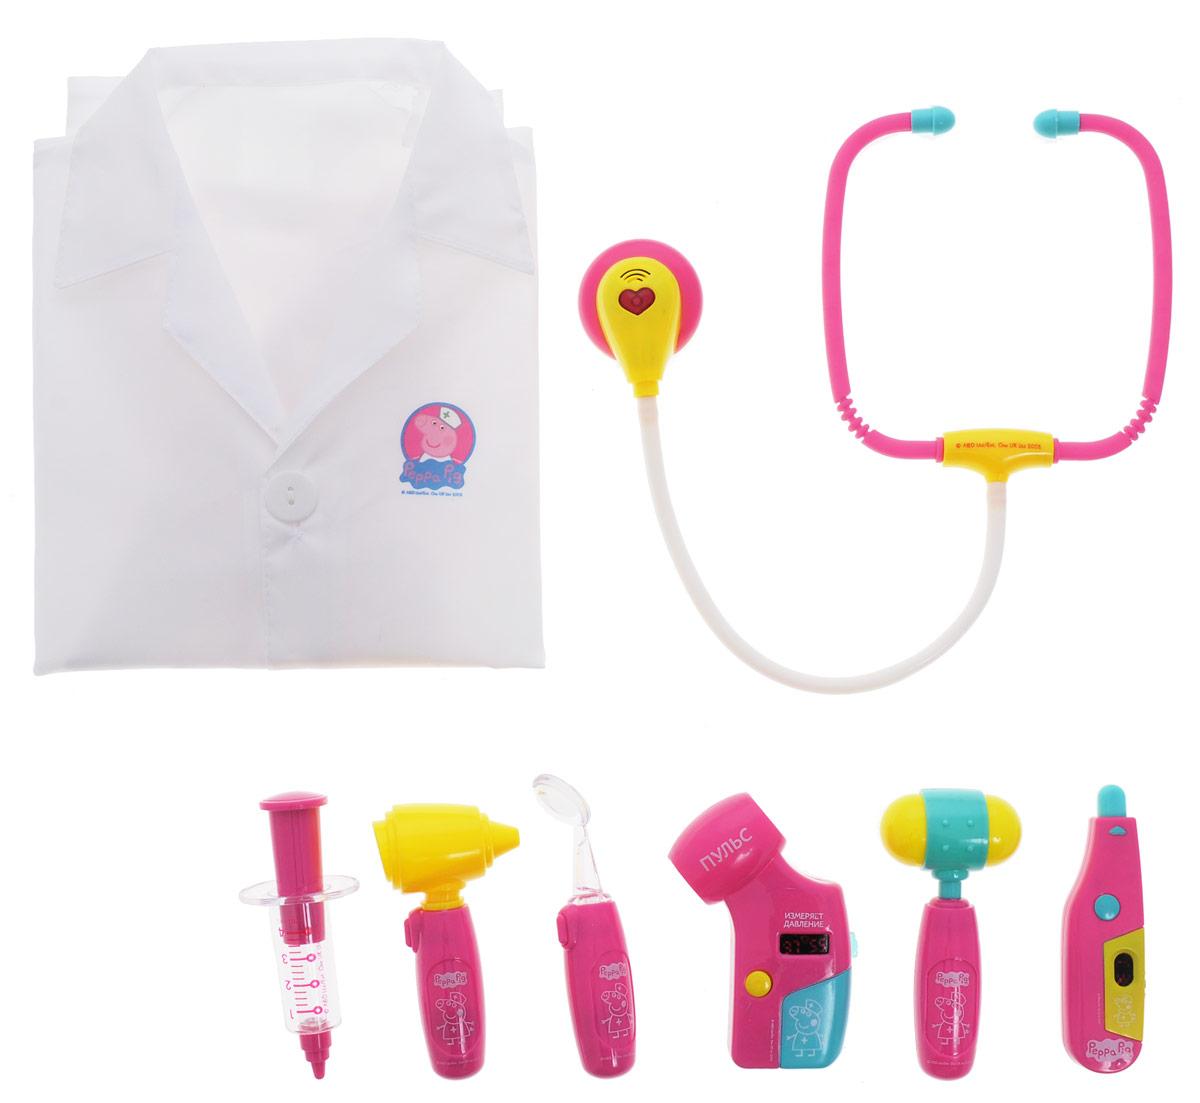 Peppa Pig Игрушечный набор Пеппа доктор 8 предметов29923Игрушечный набор Пеппа доктор поможет вашему ребенку устроить веселые сюжетно-ролевые игры, в которых он сможет почувствовать себя настоящим врачом. Выполняя роль доктора, медсестры или пациента, малыш научится заботиться, ухаживать за больными, узнает простейшие основы медицины, научится общаться, будет развивать свой кругозор и словарный запас, обмениваться опытом и знаниями с друзьями. В наборе 8 предметов: халат текстильный, стетоскоп, отоскоп, шприц, молоточек, тонометр, зеркальце, термометр. Отоскоп, термометр, зеркальце и тонометр оснащены световыми эффектами, которые включаются при нажатии кнопки. Стетоскоп обладает световыми и звуковыми эффектами (звук бьющегося сердца). Все аксессуары выполнены из высококачественного безопасного пластика и текстиля. Игрушки работают от батареек типа AG10 и AG13 (товар комплектуется демонстрационными).